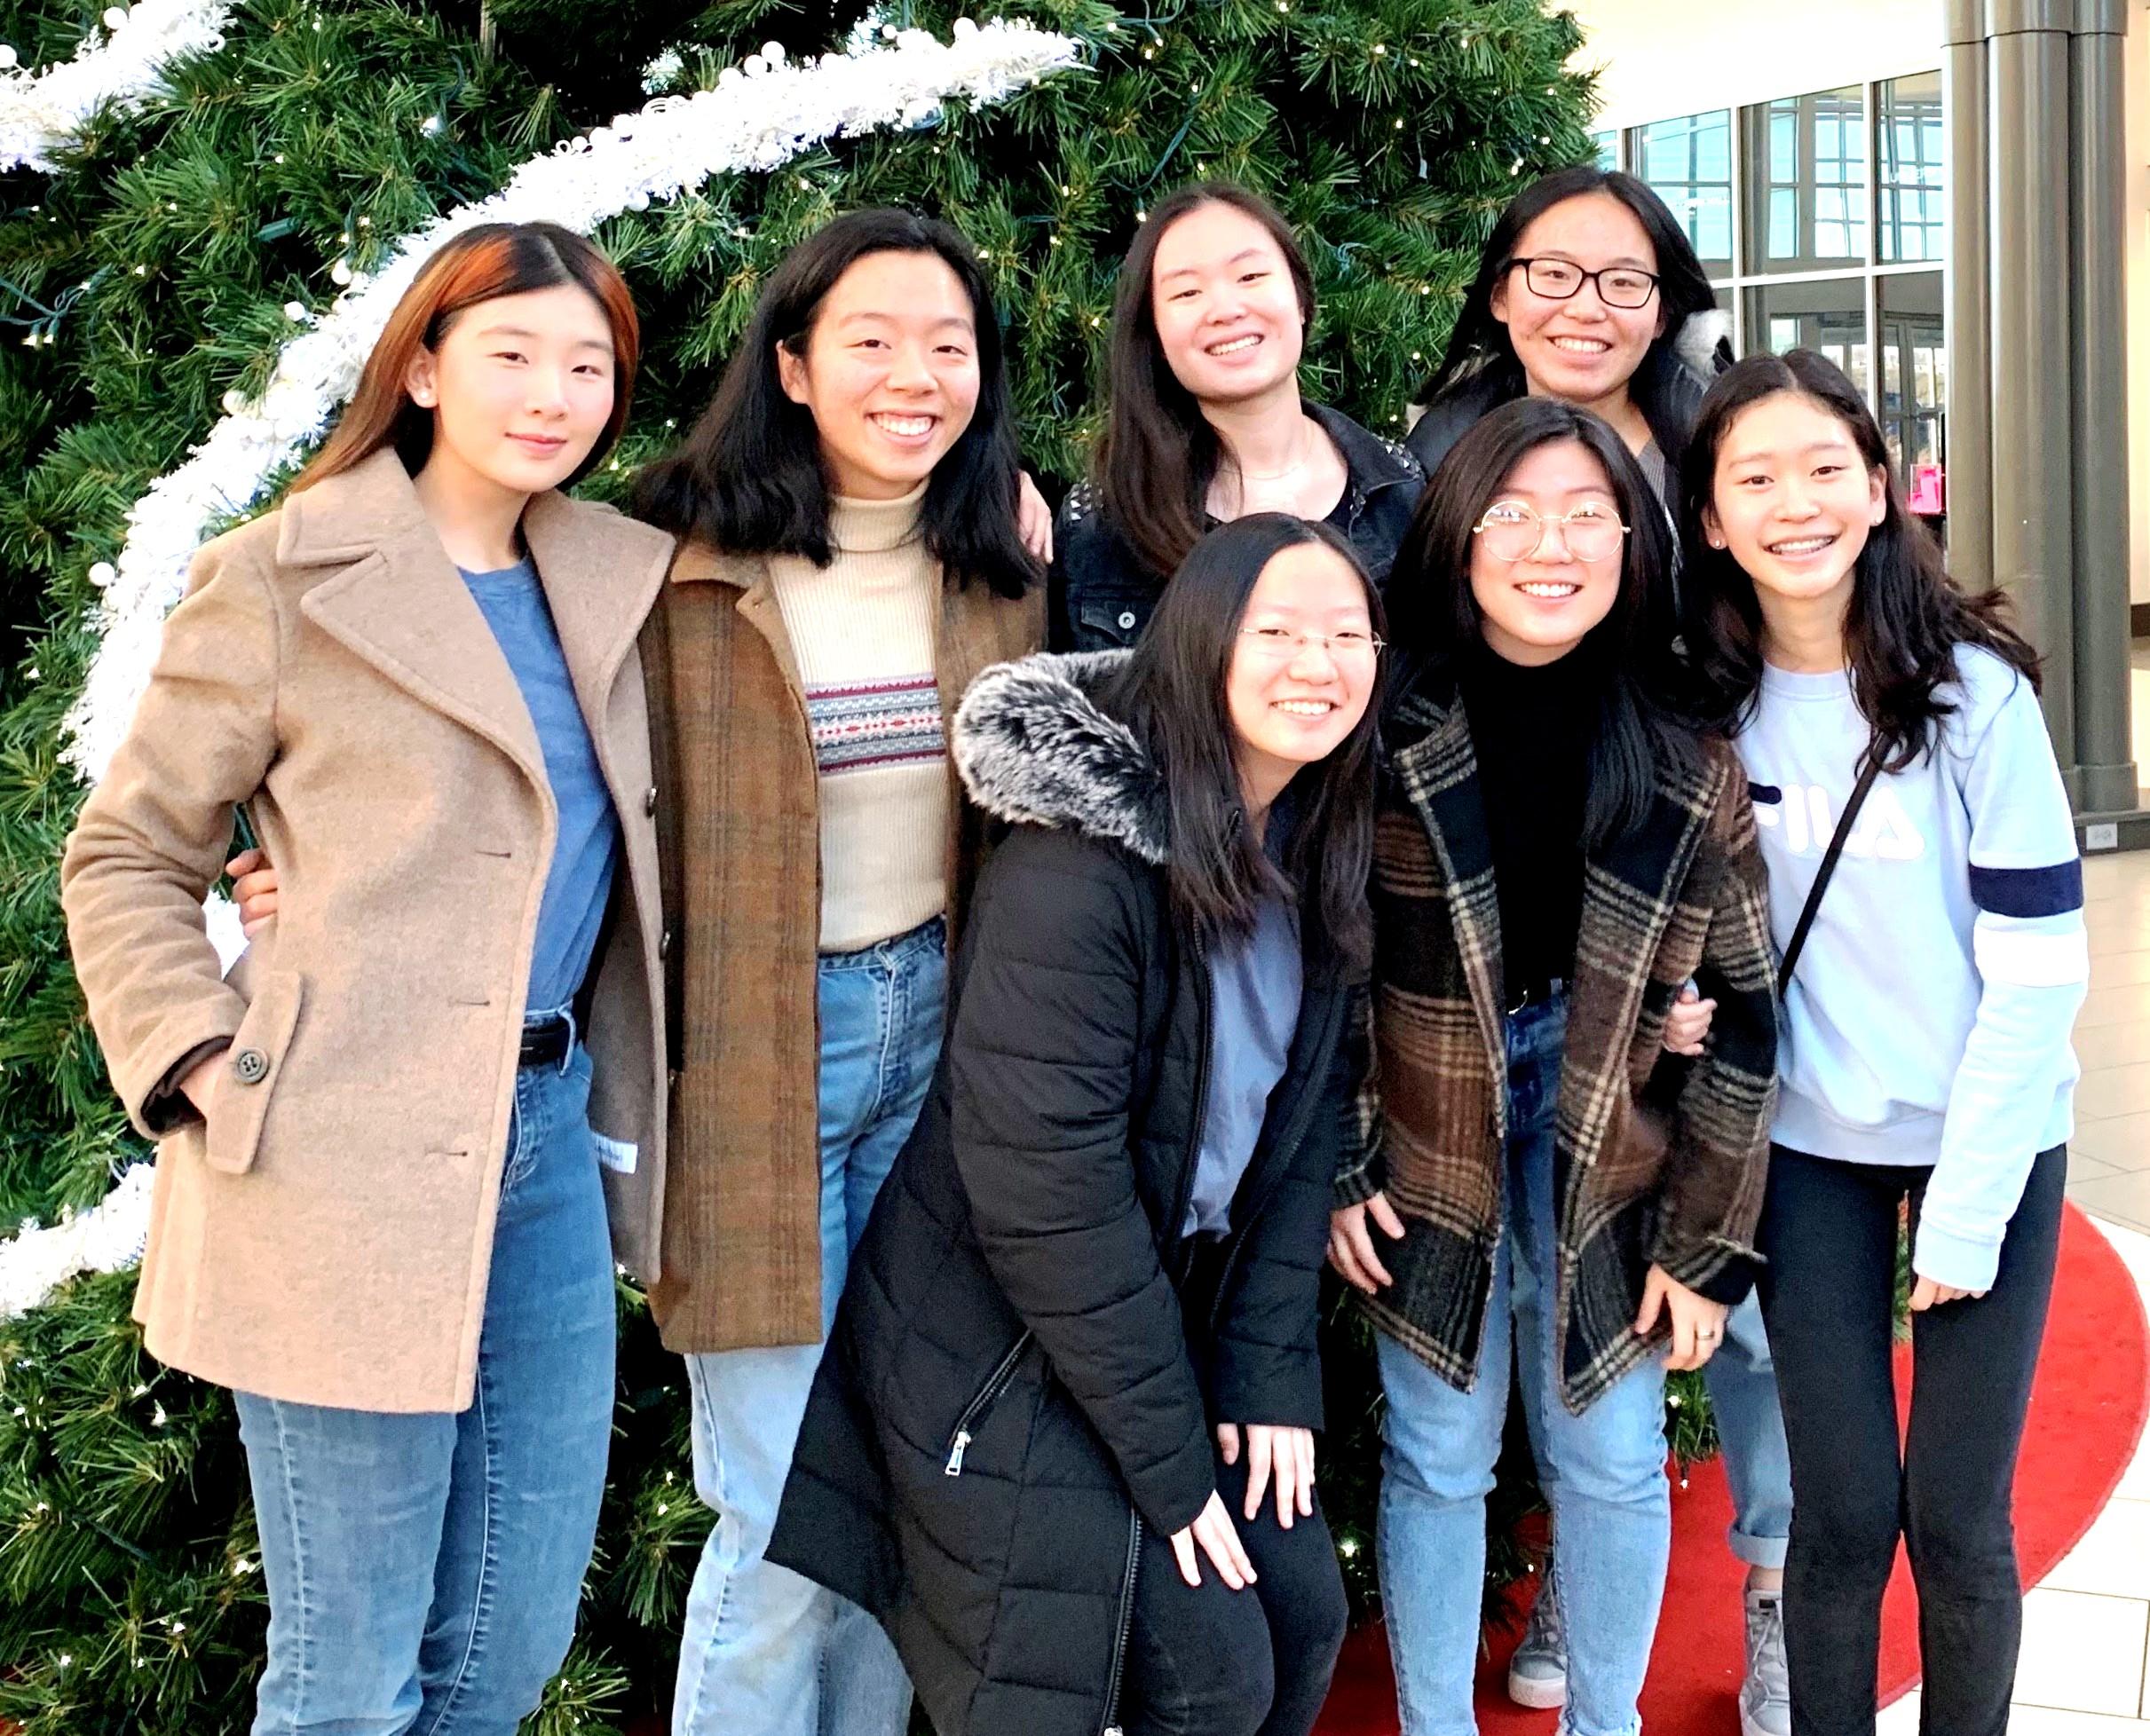 在白人社區長大的王彬怡(後排左二),一直以來都是團體中少數的亞裔,直到搬到印第安納州,才開始交到一小群亞裔朋友。(王彬怡/提供)